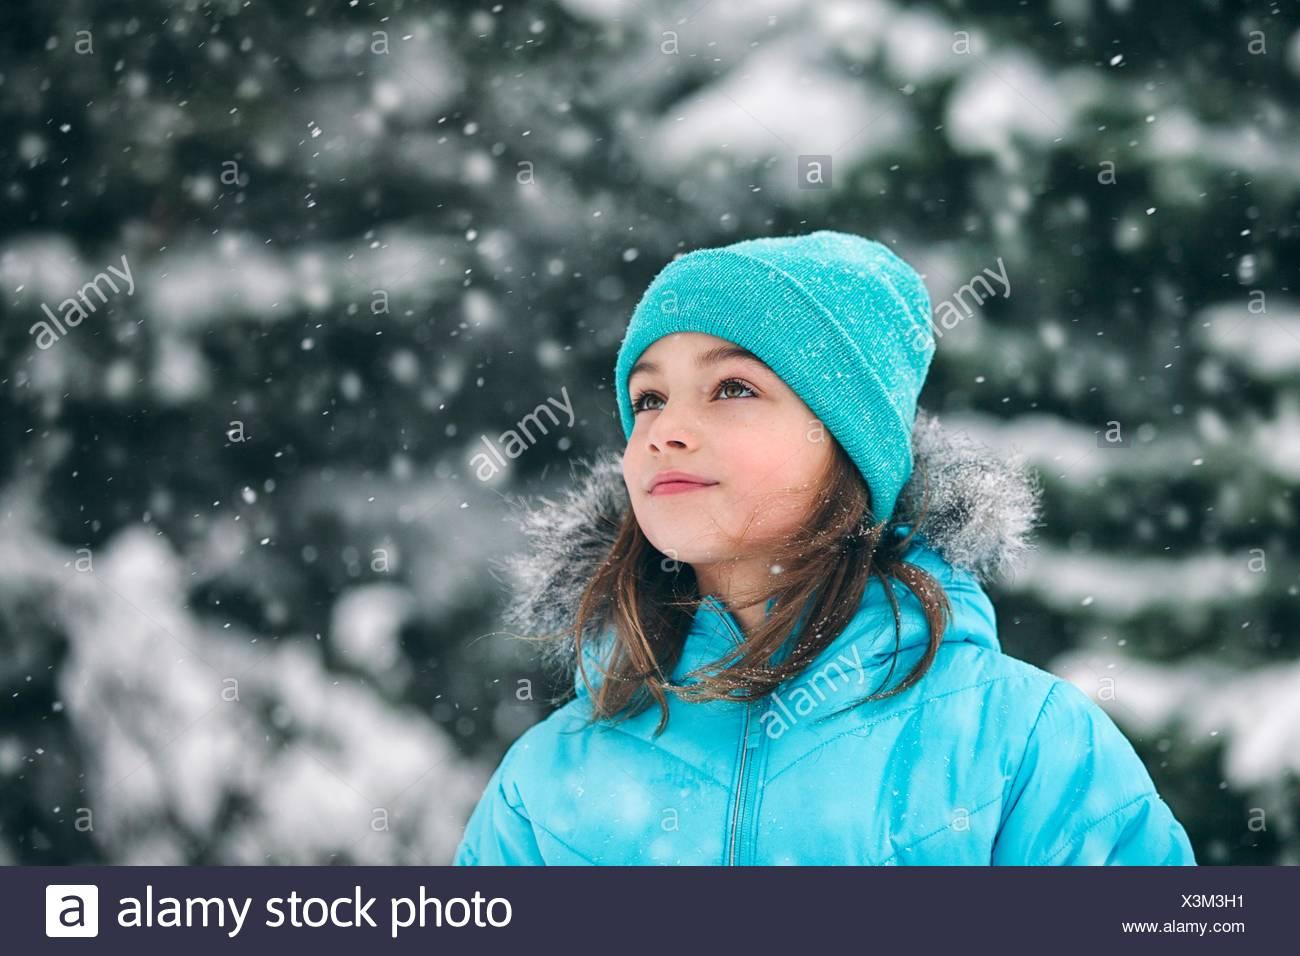 Vestida de knit hat apartar la mirada, nevando Imagen De Stock